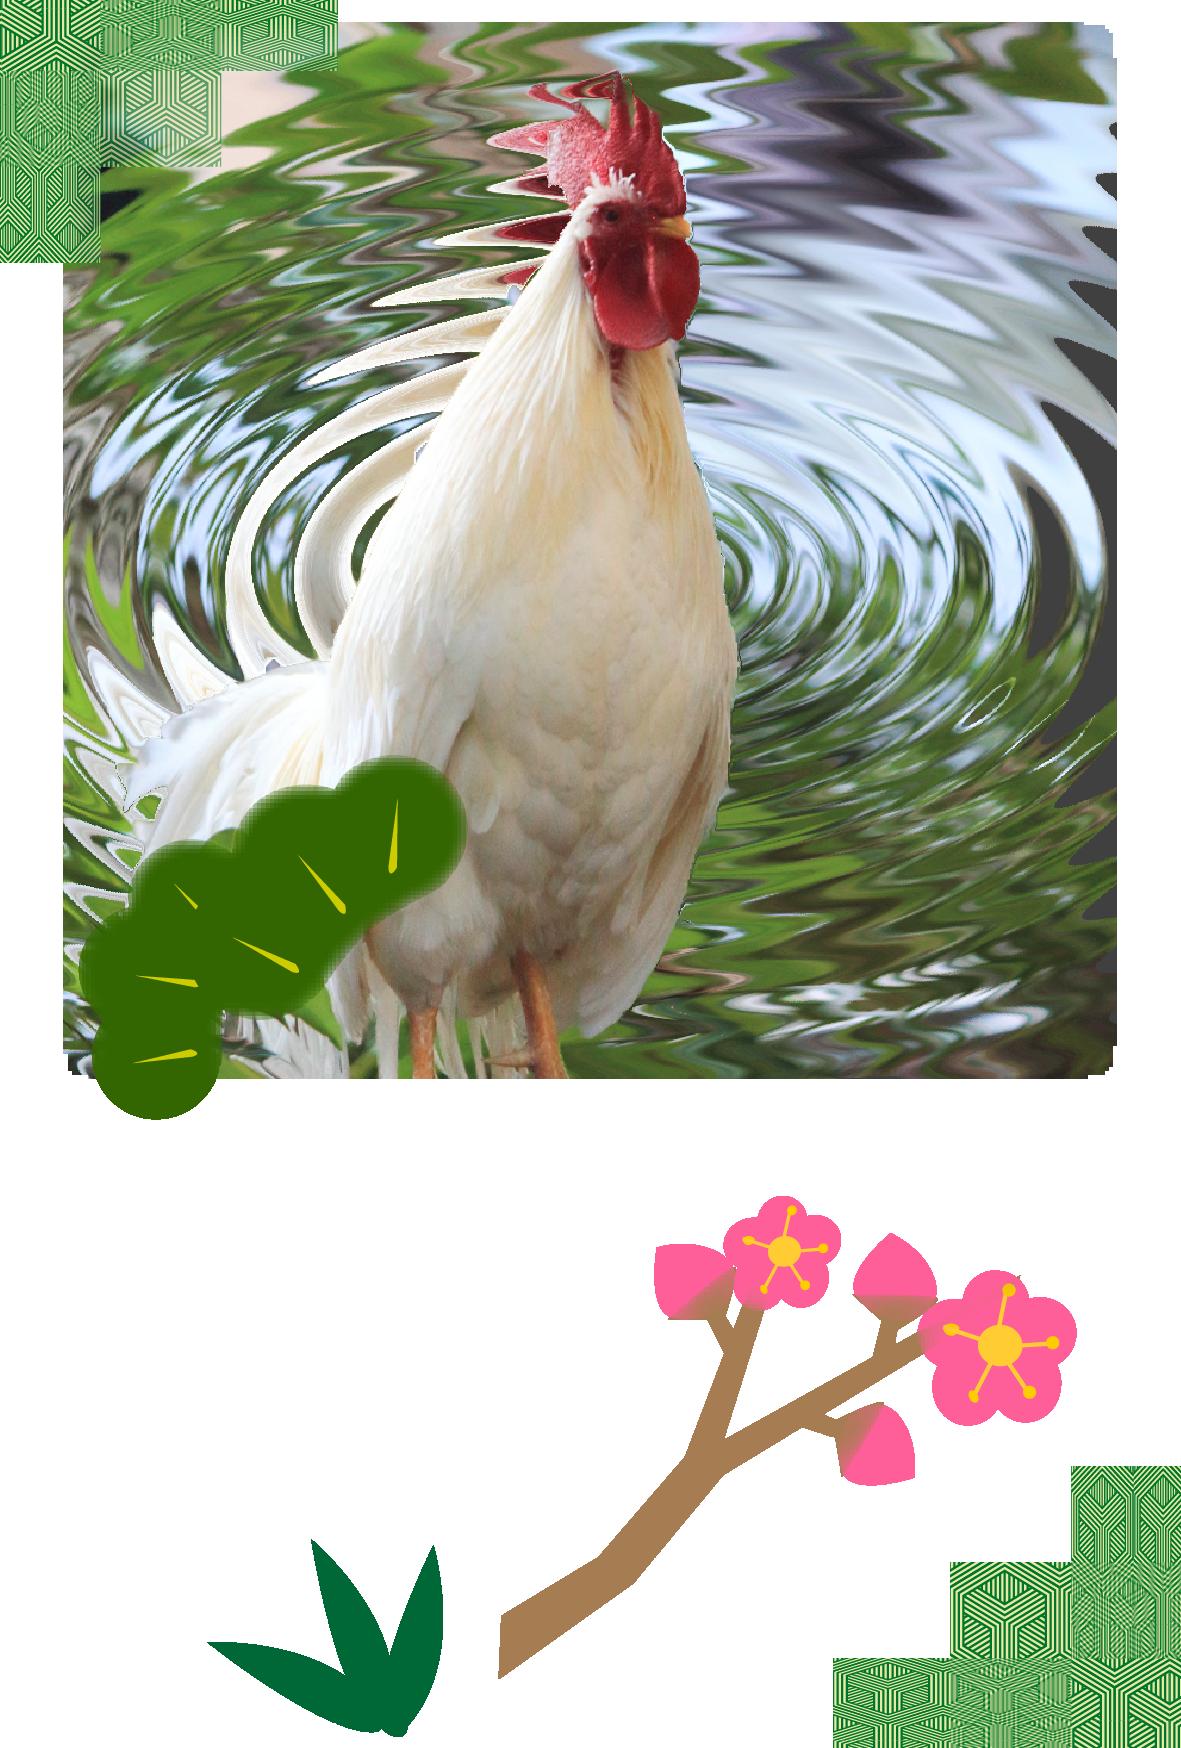 鶏(にわとり)の写真入り(文字なし)